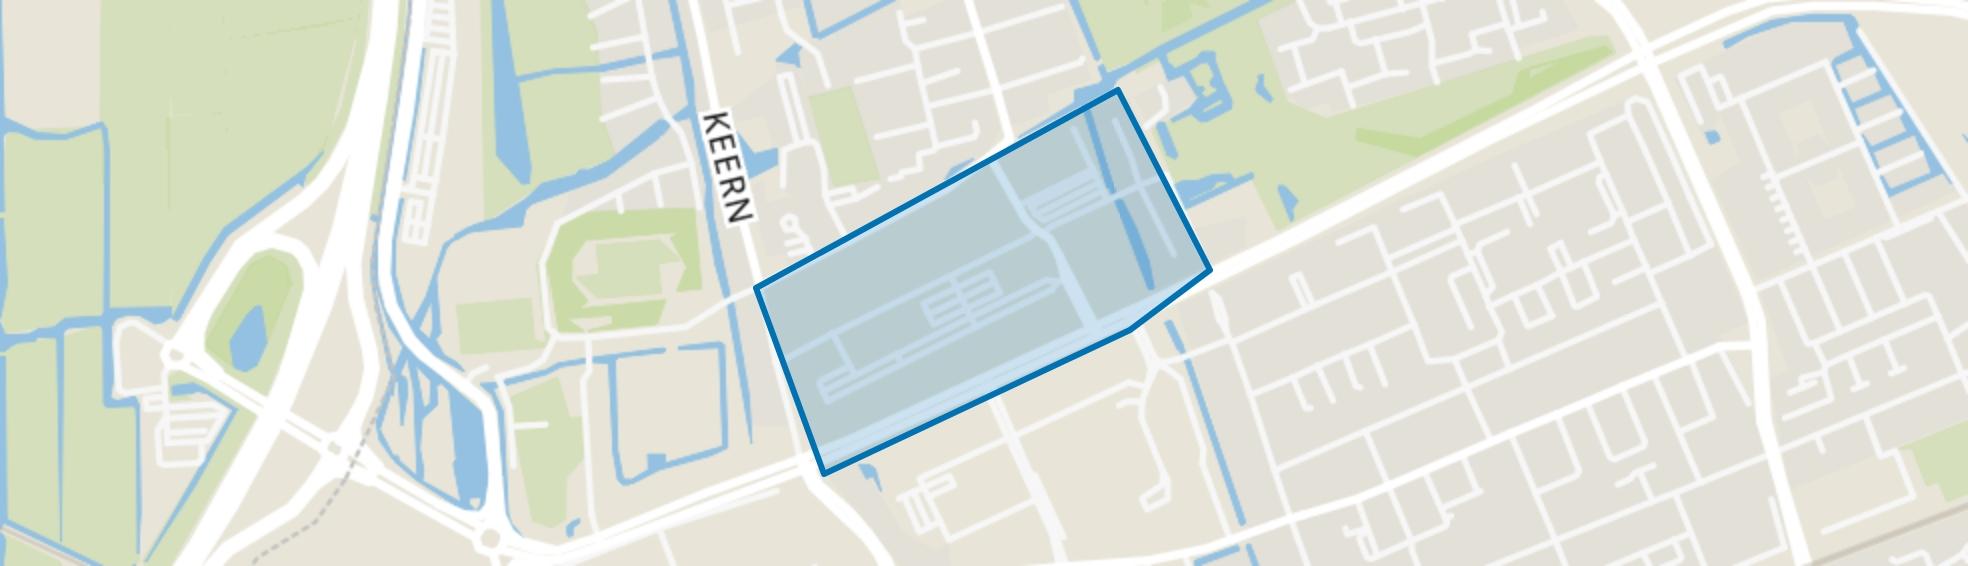 Risdam-Zuid - Buurt 20 01, Hoorn (NH) map